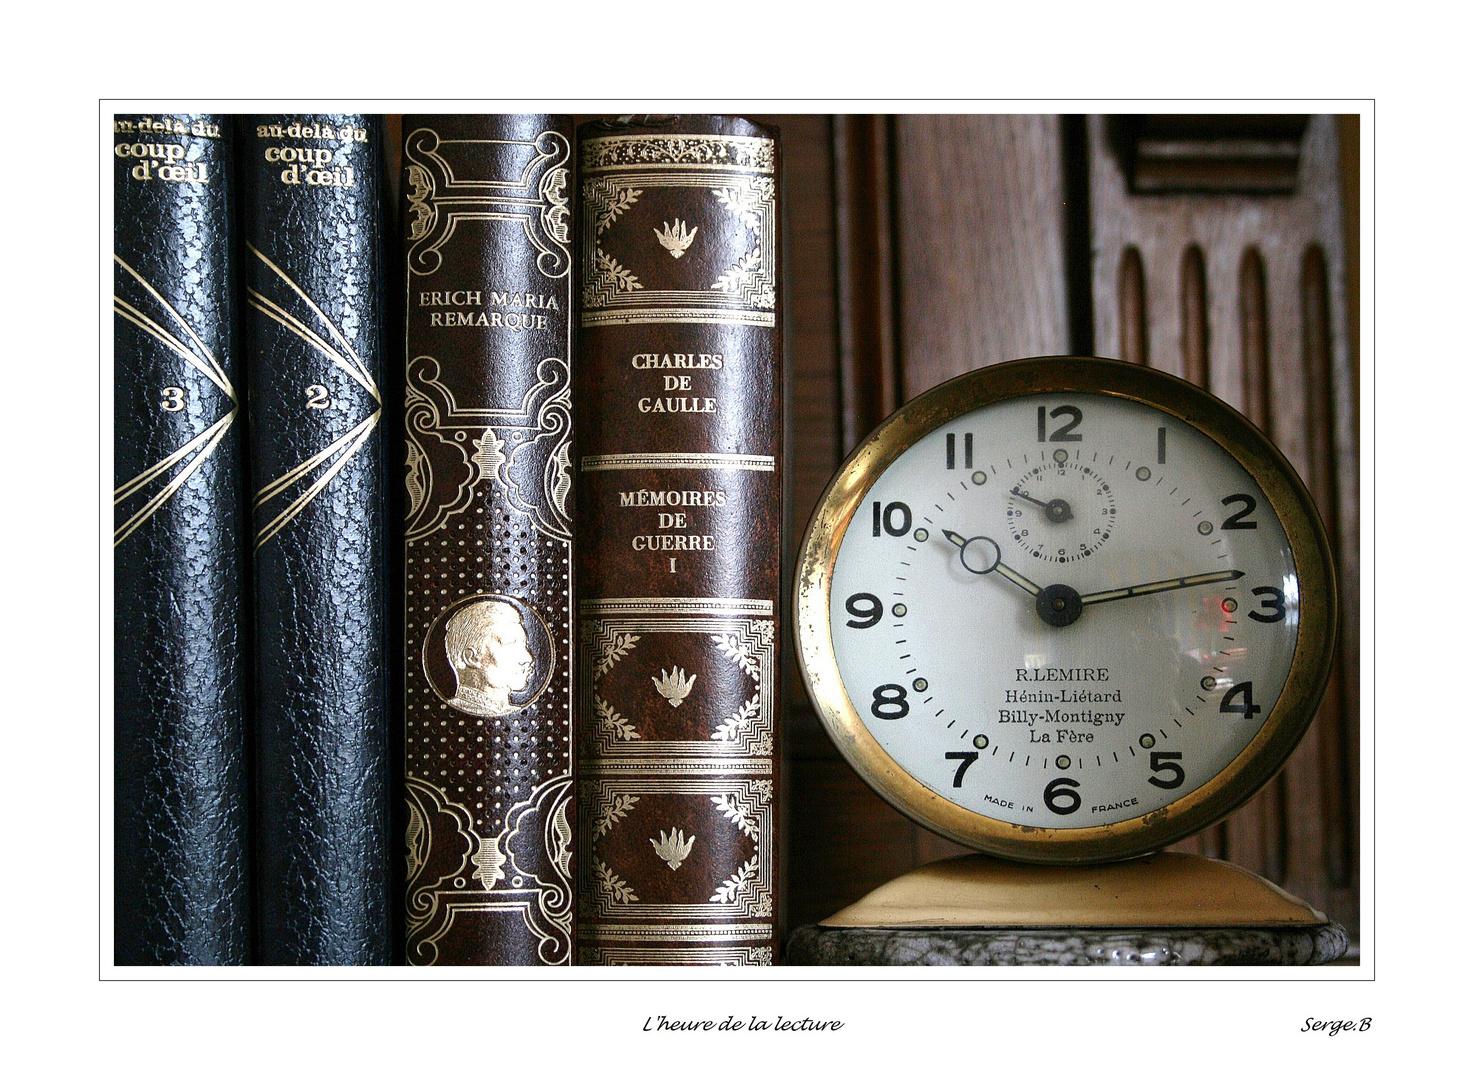 L'heure de la lecture